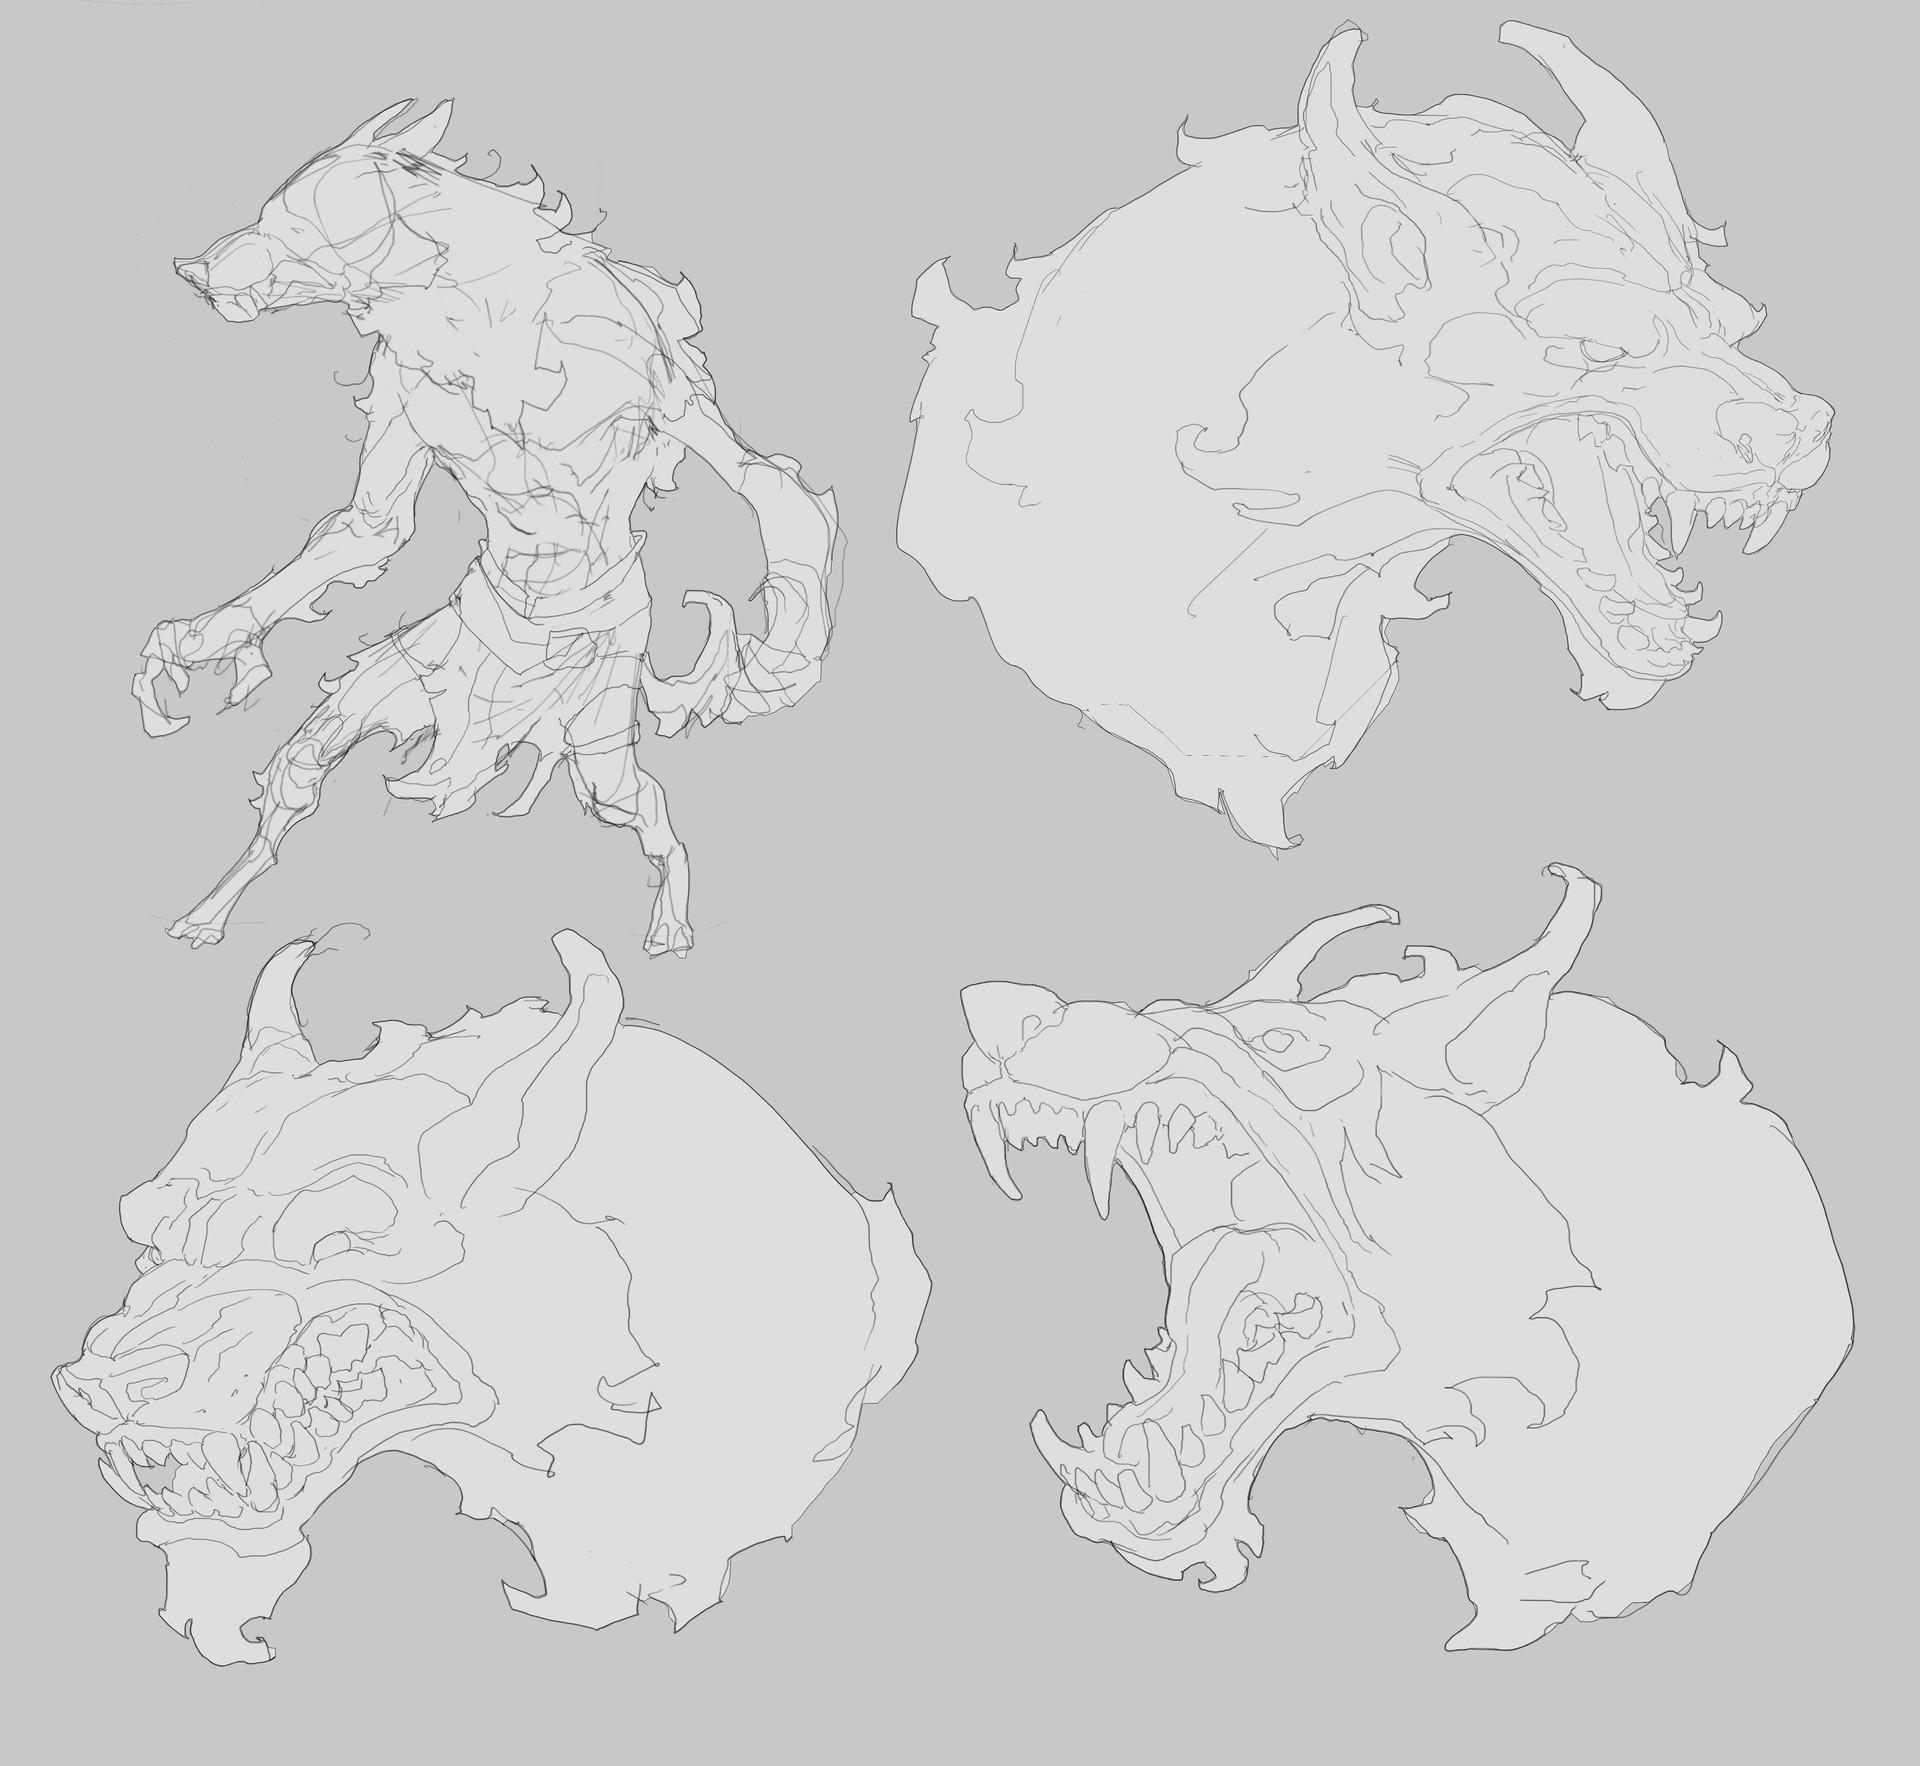 Jason borne werewolf